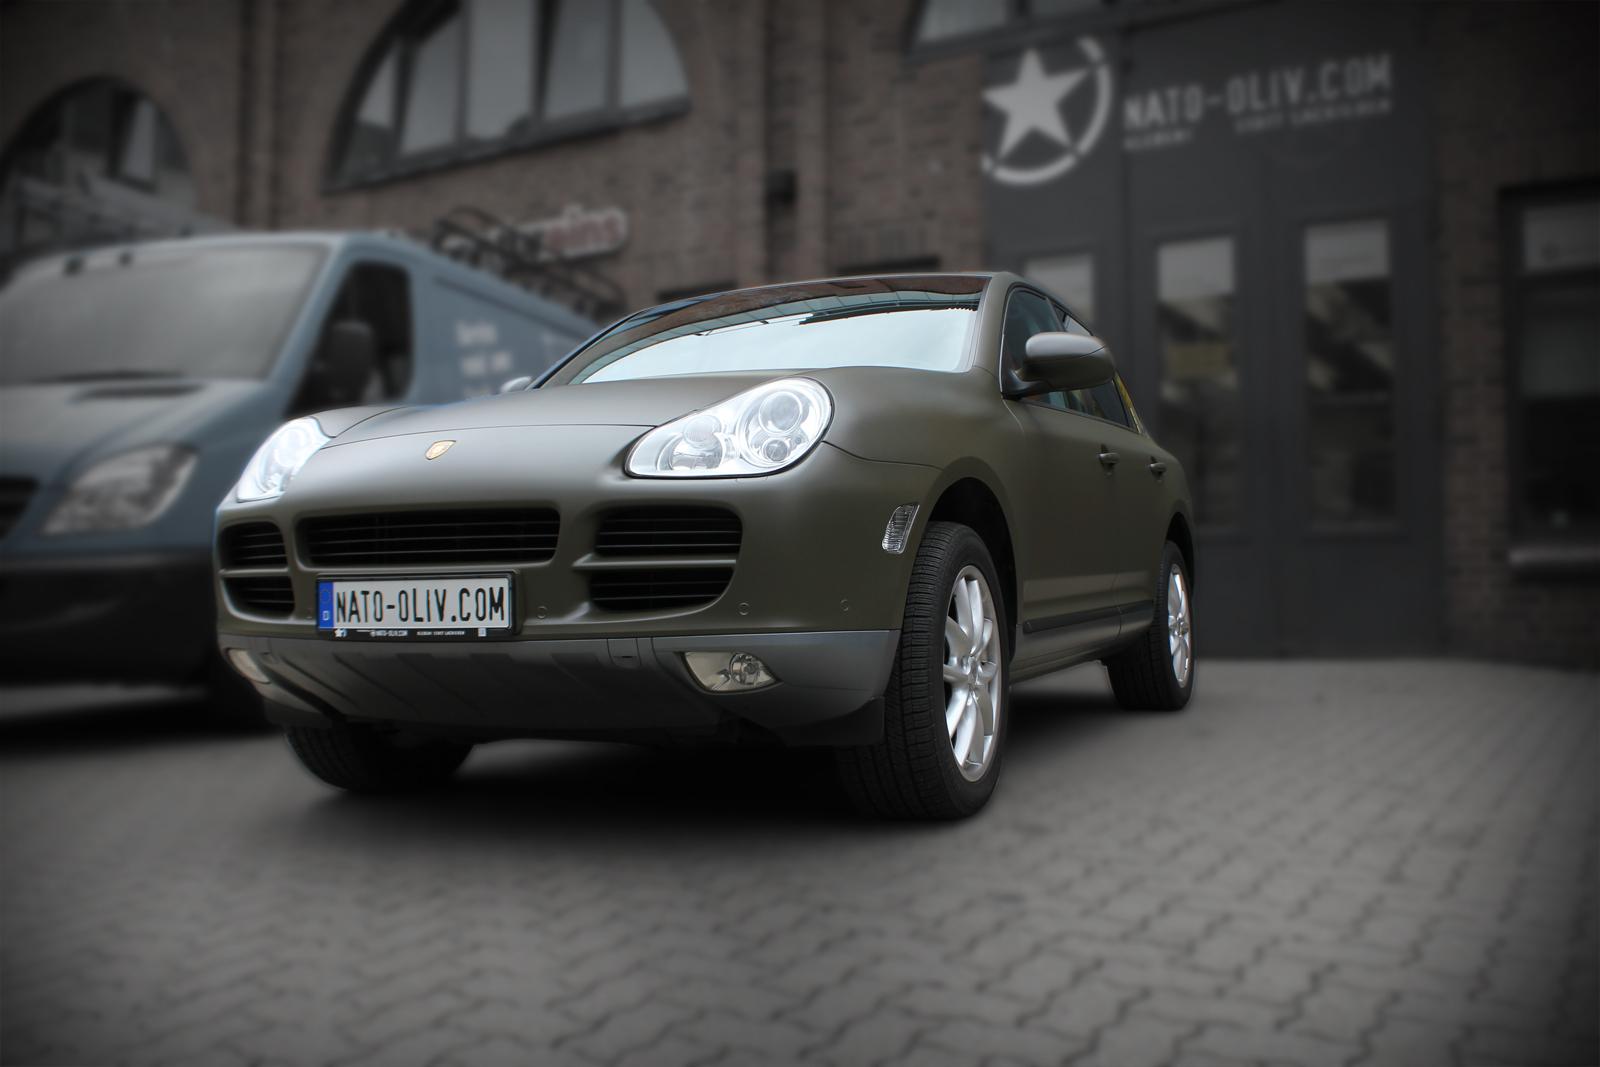 Porsche_Cayenne_Folierung_Nato-Oliv_Matt_Titelbild